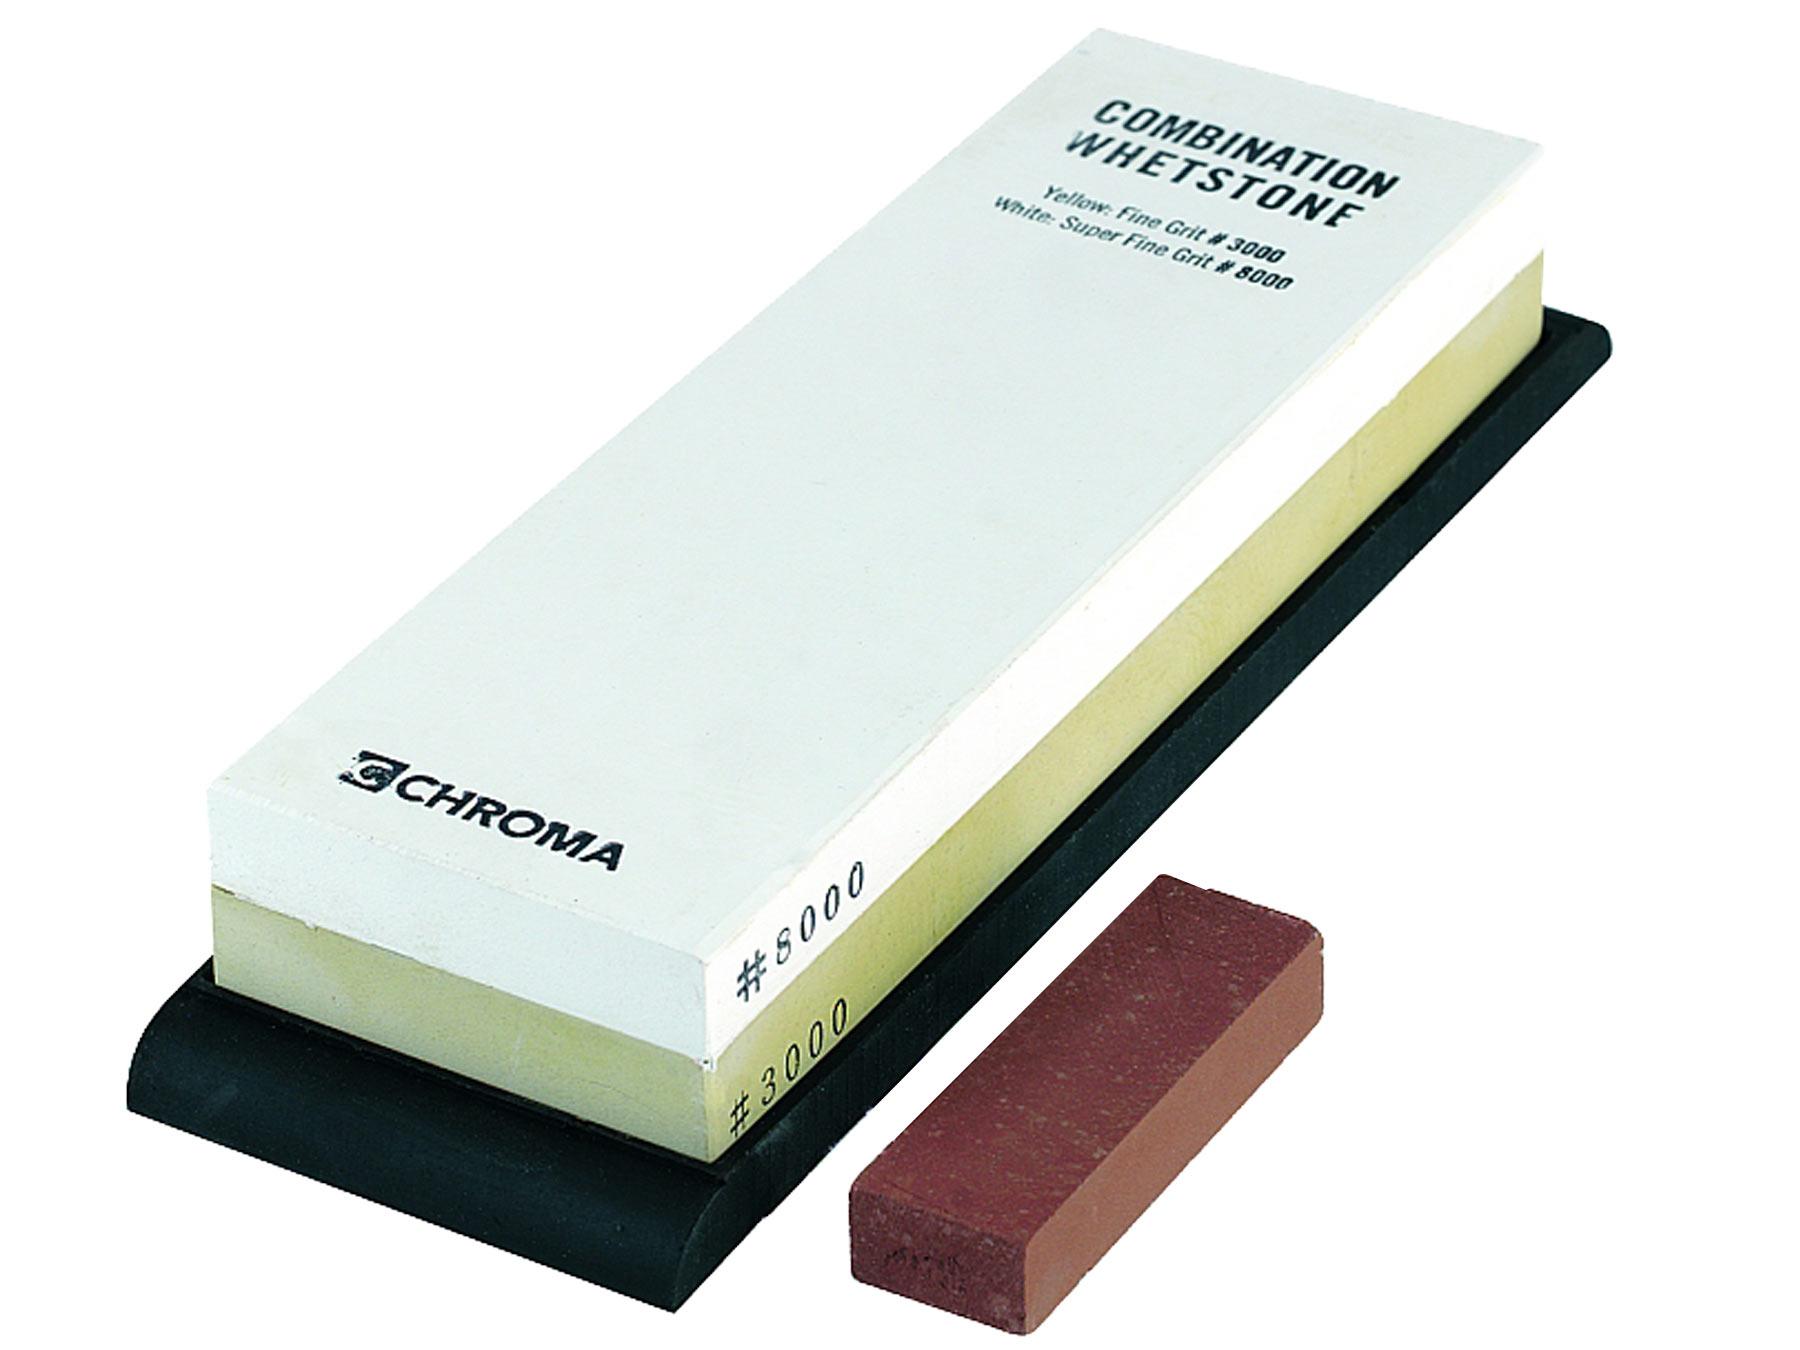 Chroma ST-3/8 Schleifstein Körnung 3000/8000